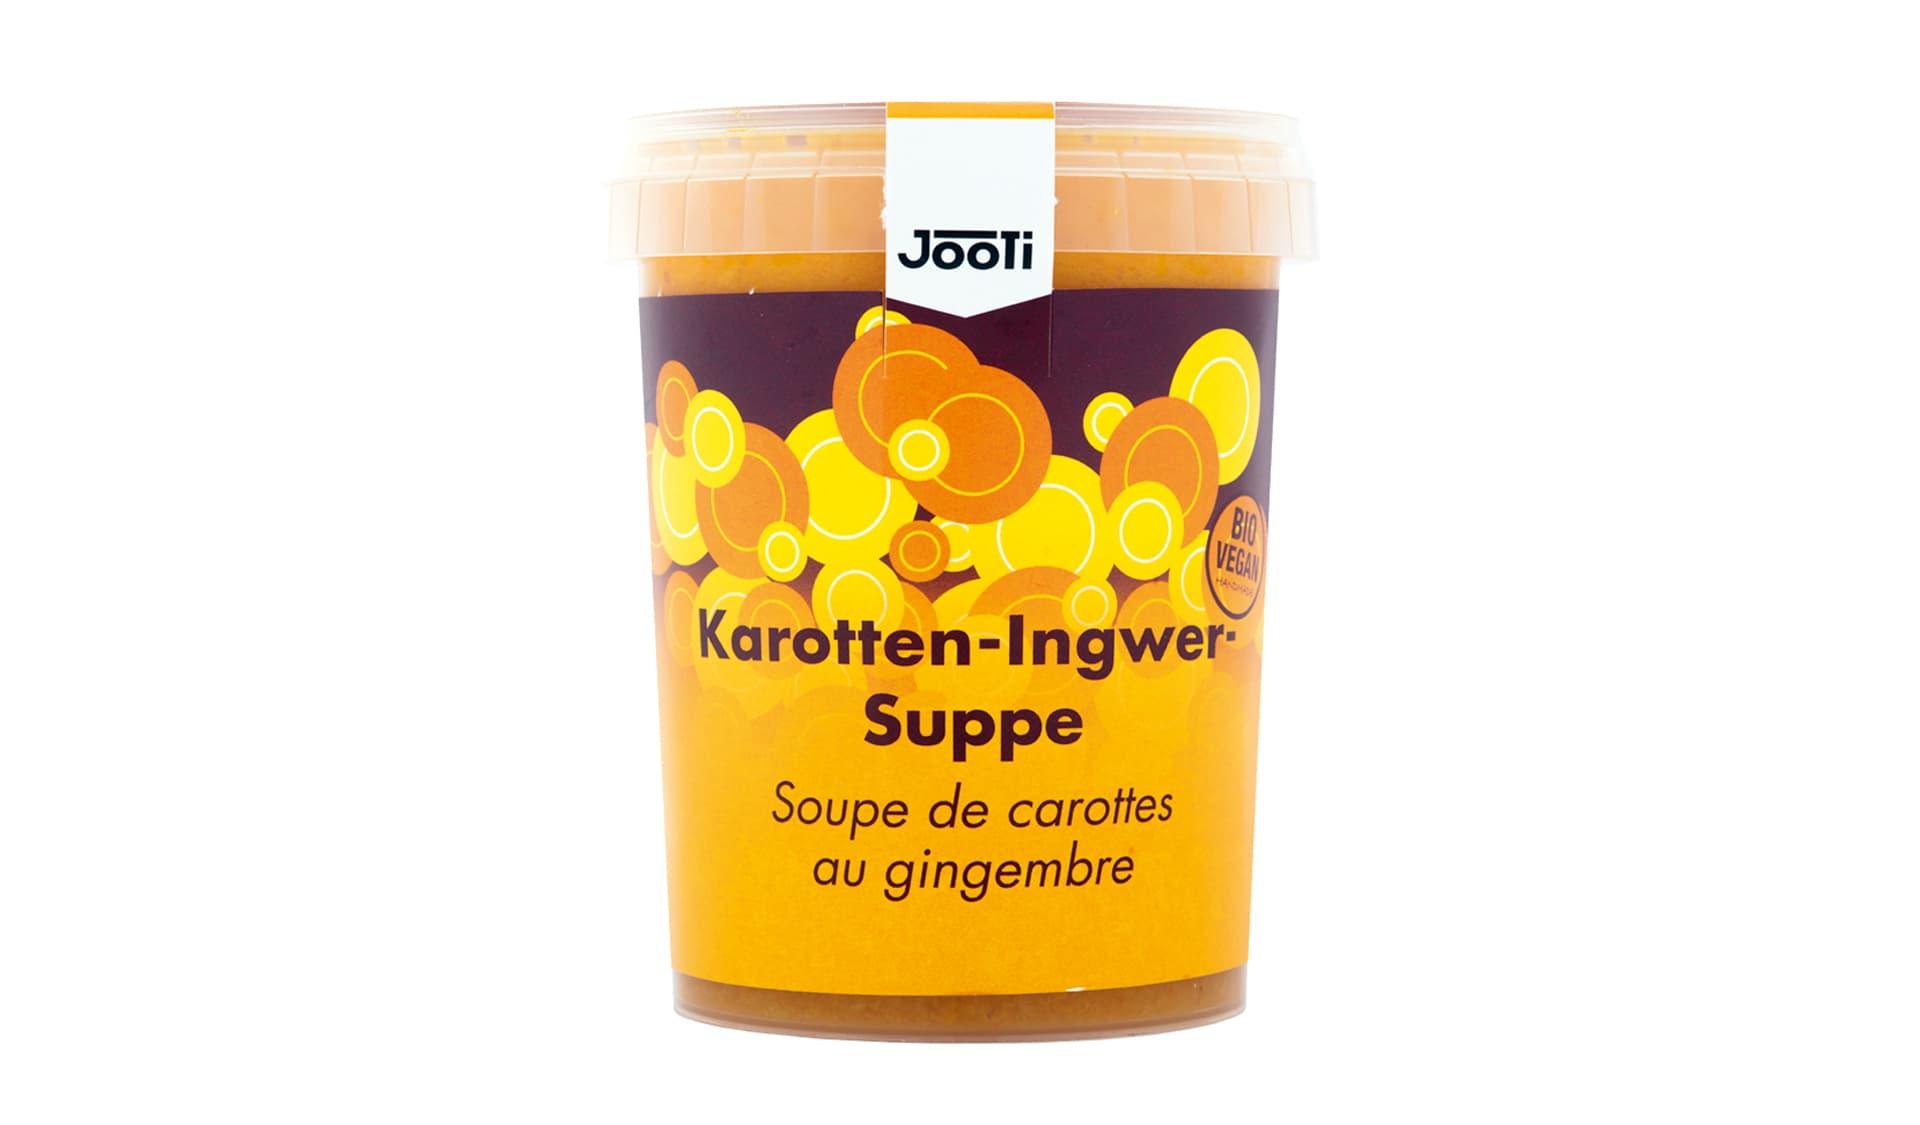 JooTi Karotten-Ingwer-Suppe (www.jooti.de)